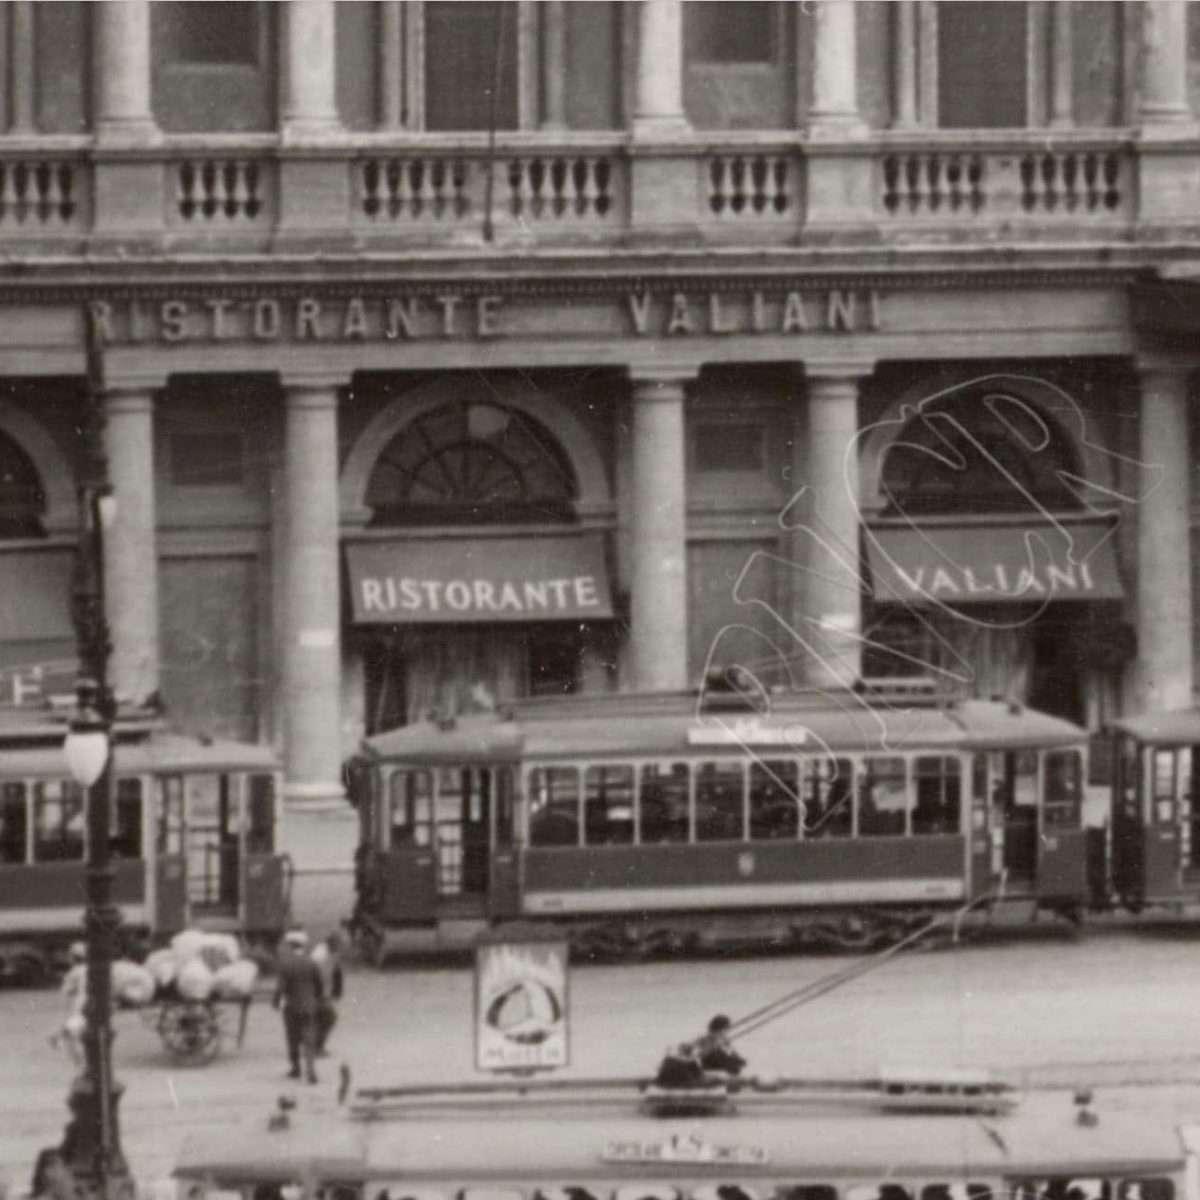 Particolare (tram) anni '30